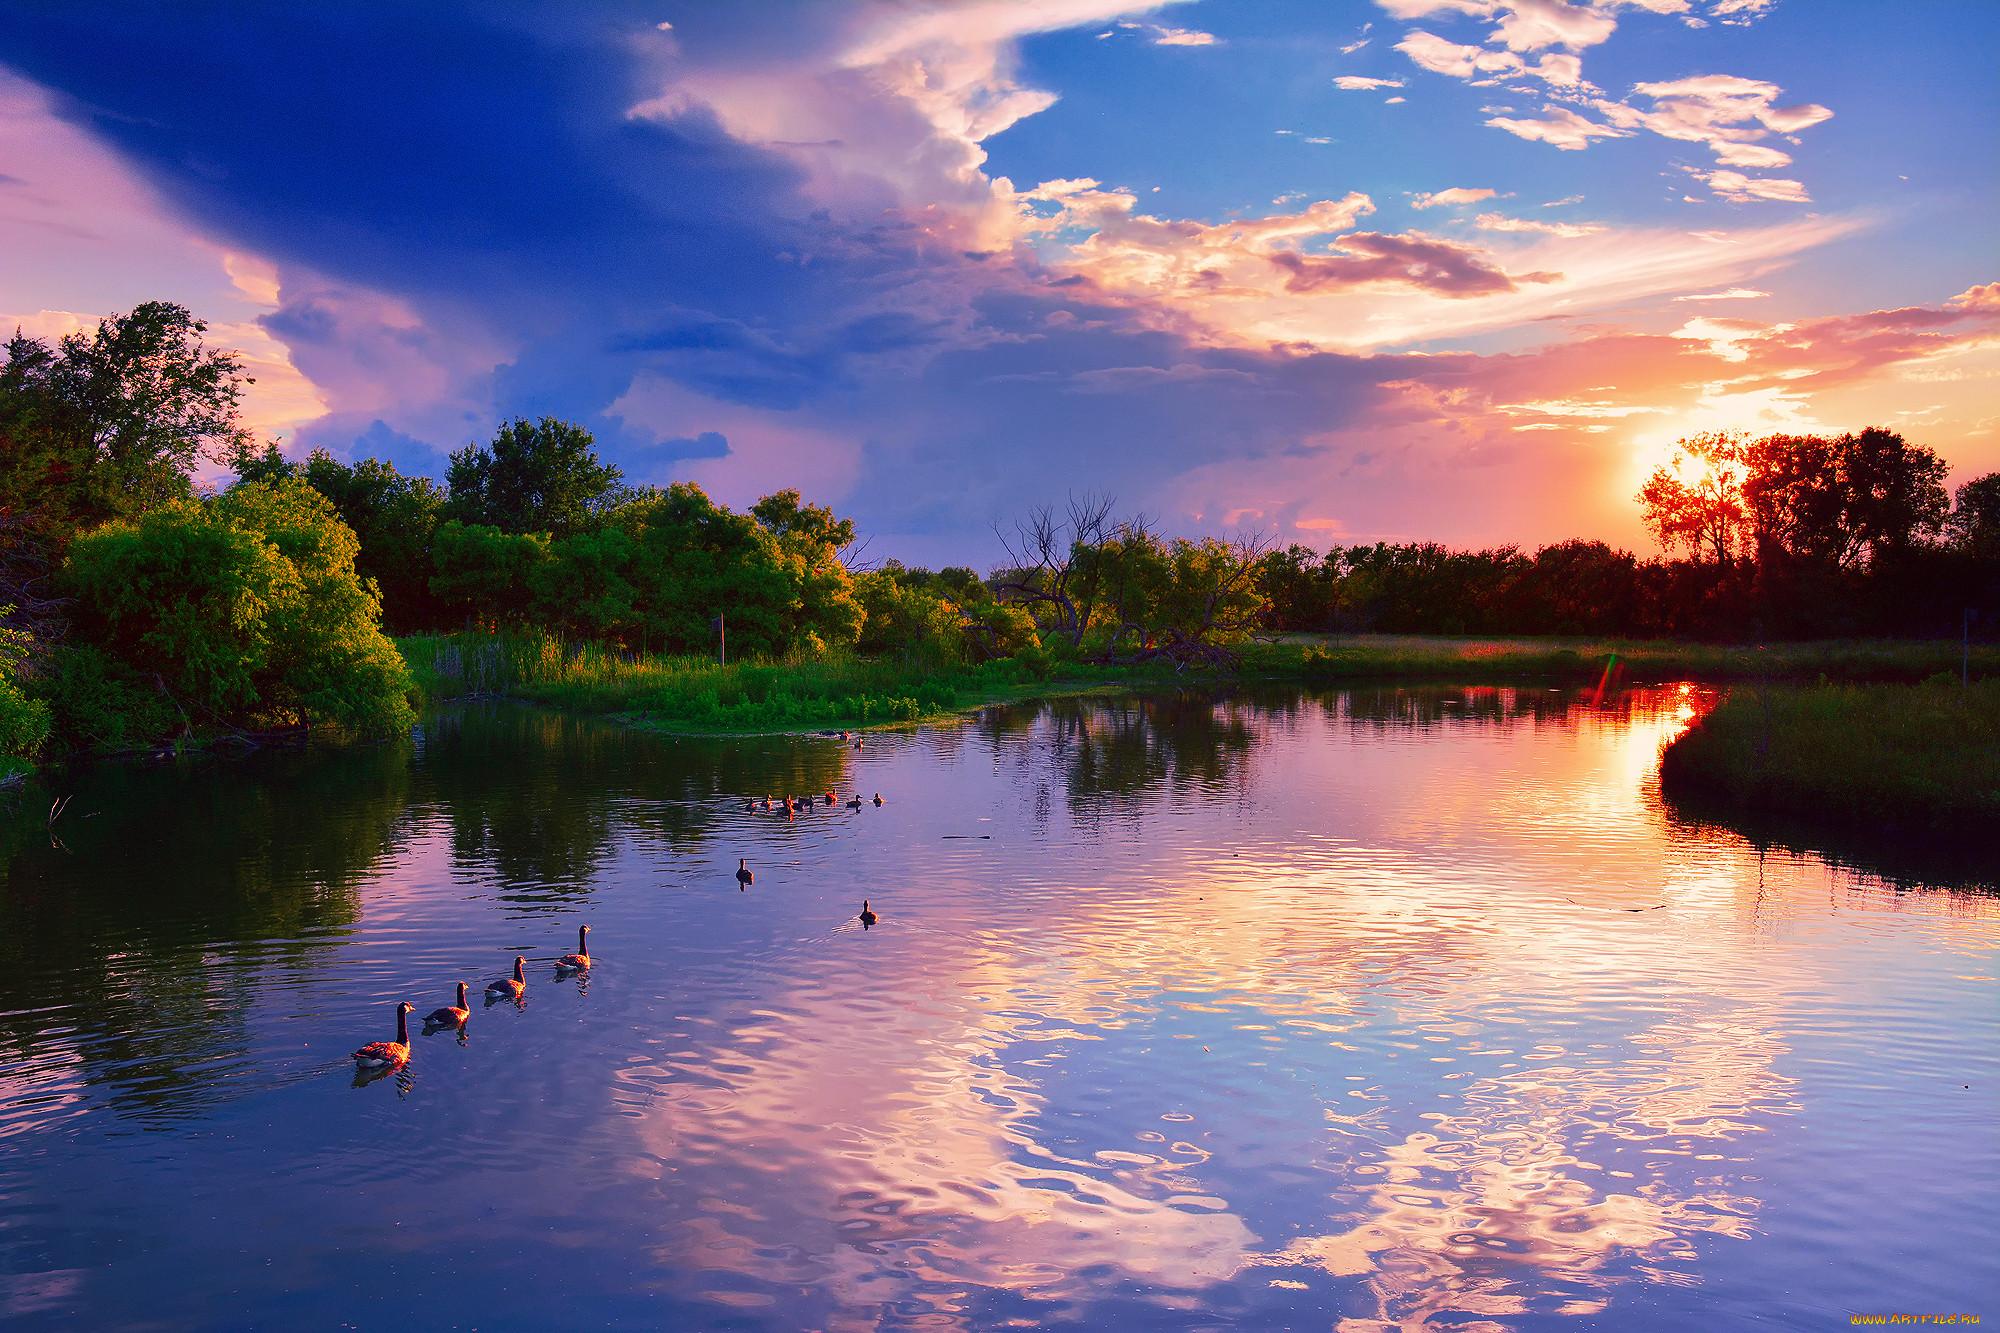 нашли красивые картинки лето солнце река зависимости